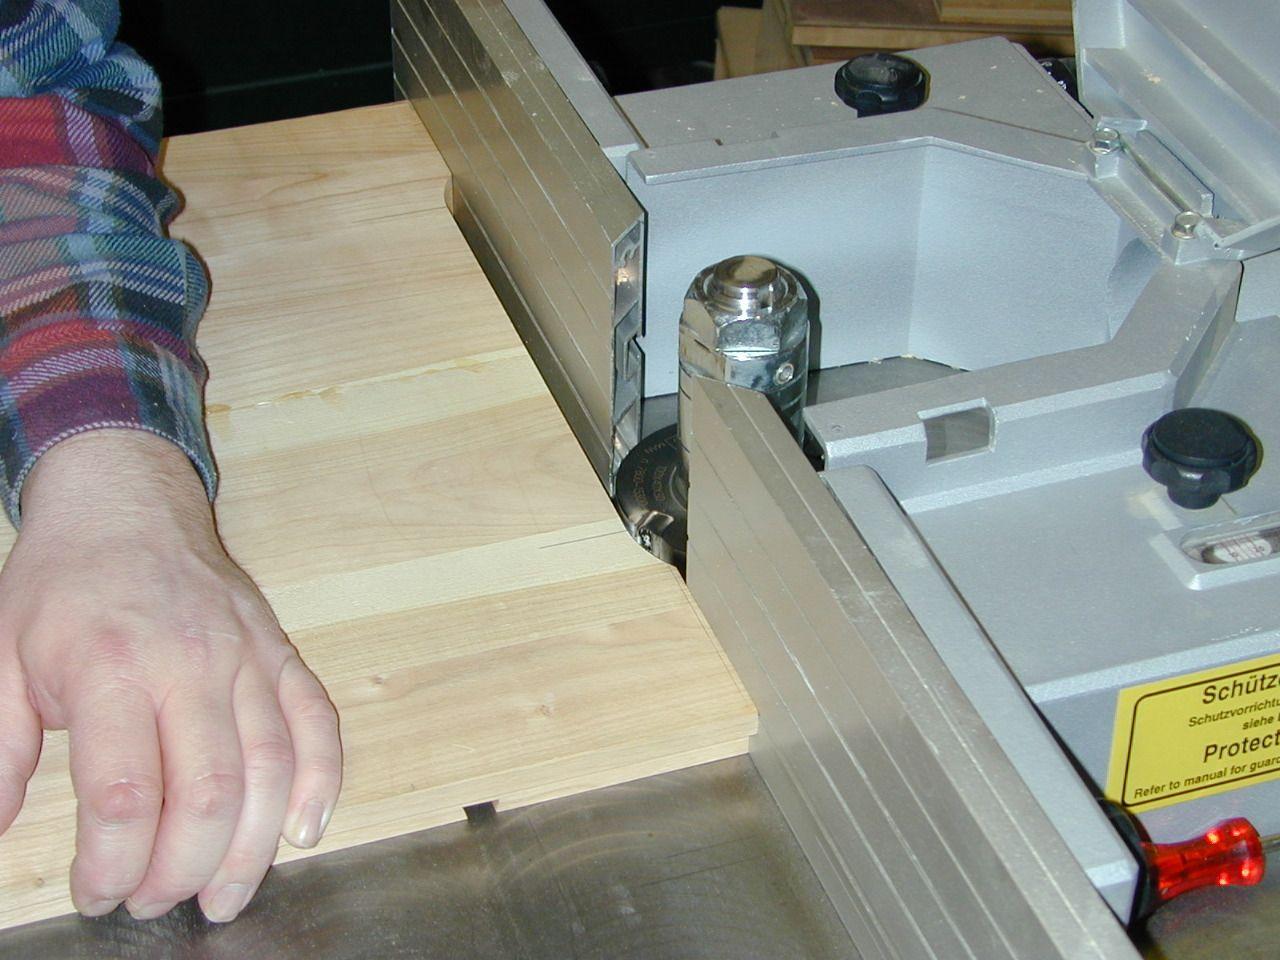 Einsatzfräsen auf der Tischfräse mit dem Falzkopf zur Ausarbeitung der Stellfüße